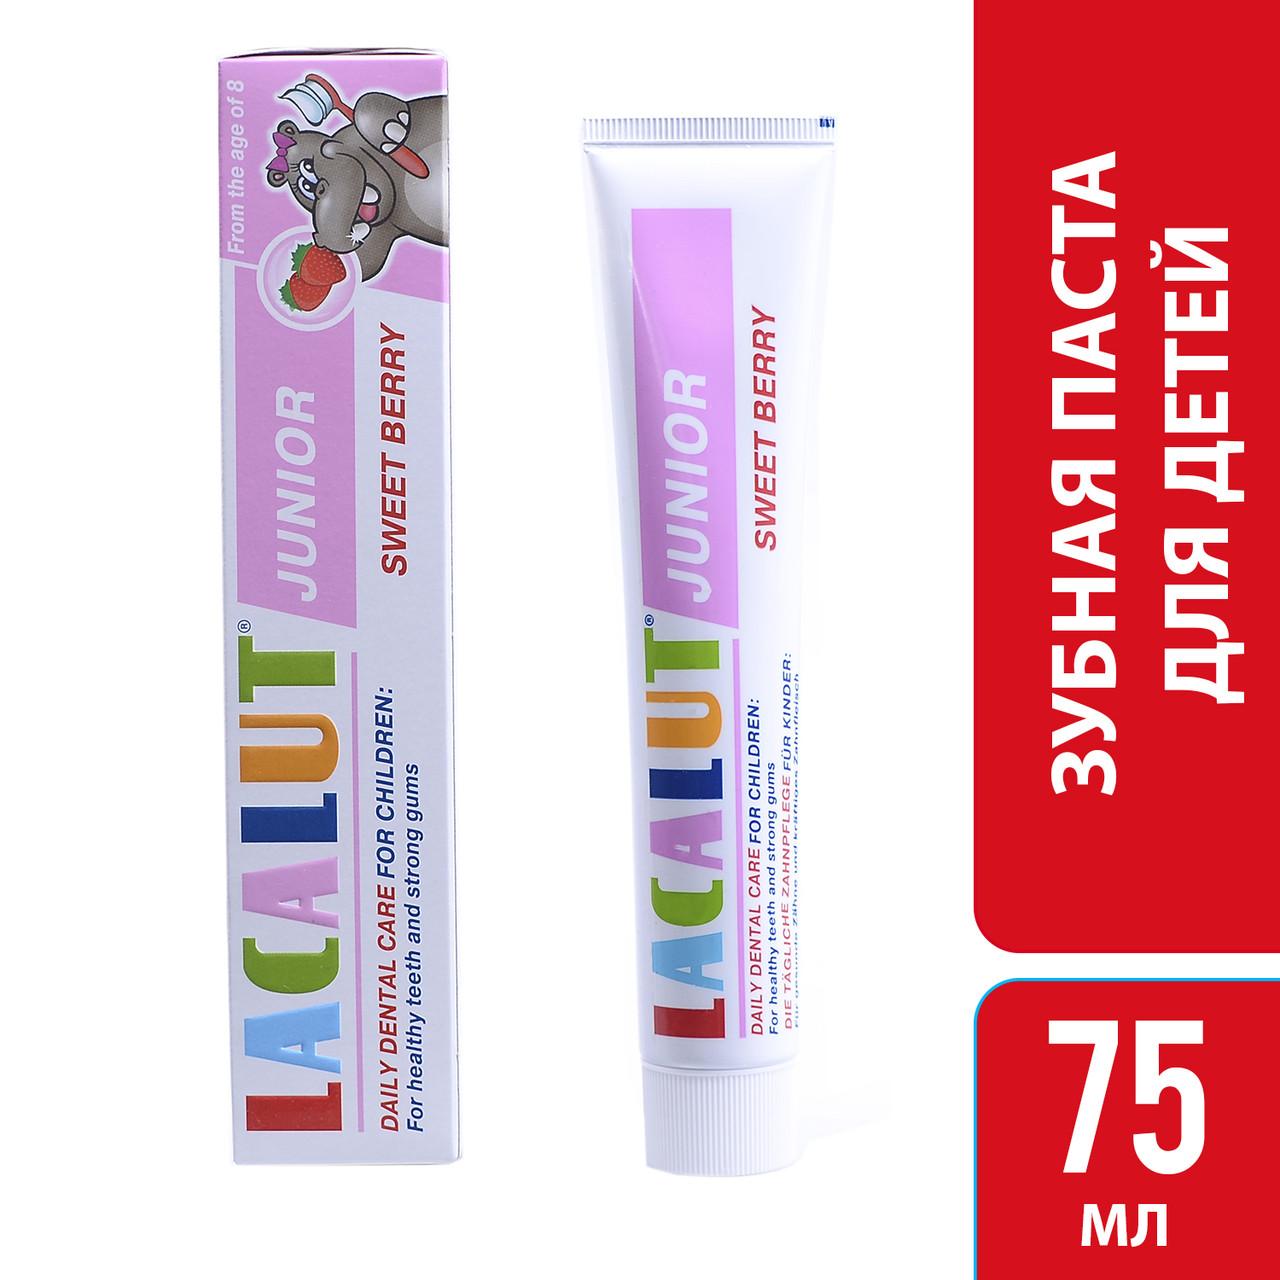 Лакалут детская зубная паста Сладкая Ягода 75 мл, 1 шт.